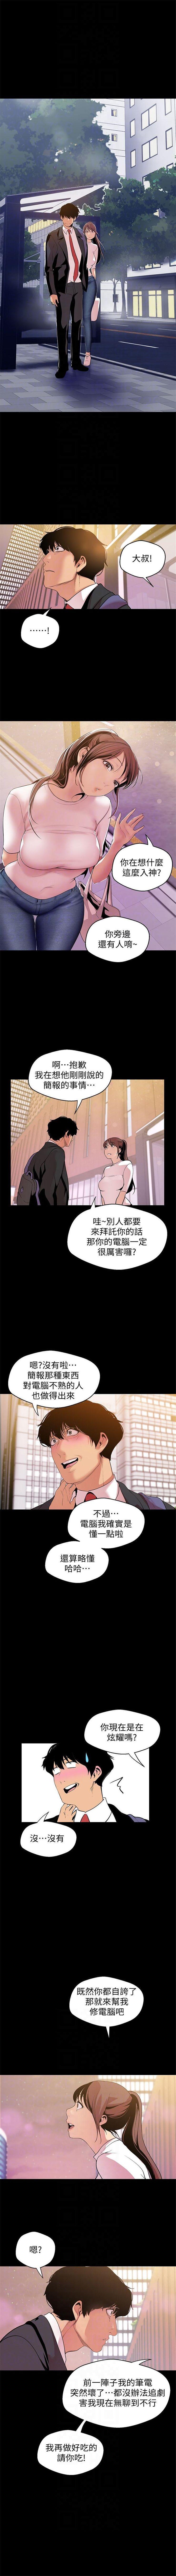 美麗新世界 1-85 官方中文(連載中) 365